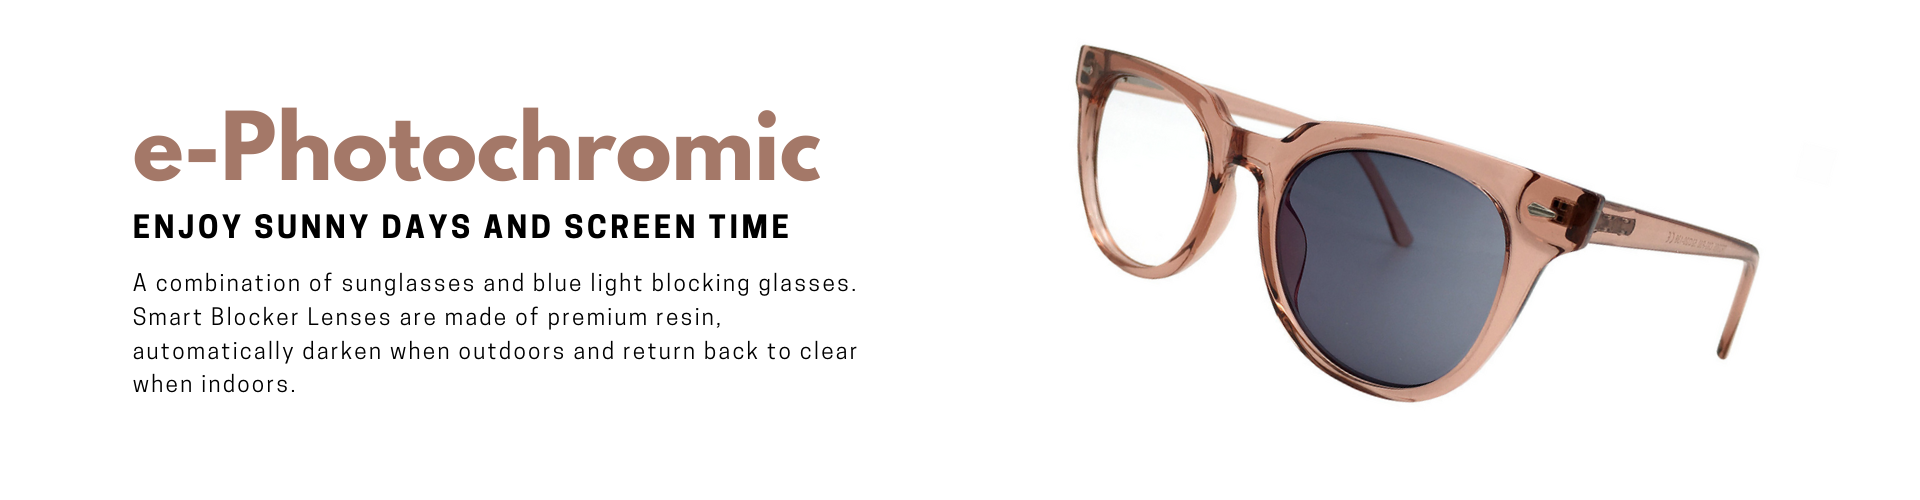 e-Photochromic 變色抗藍光眼鏡